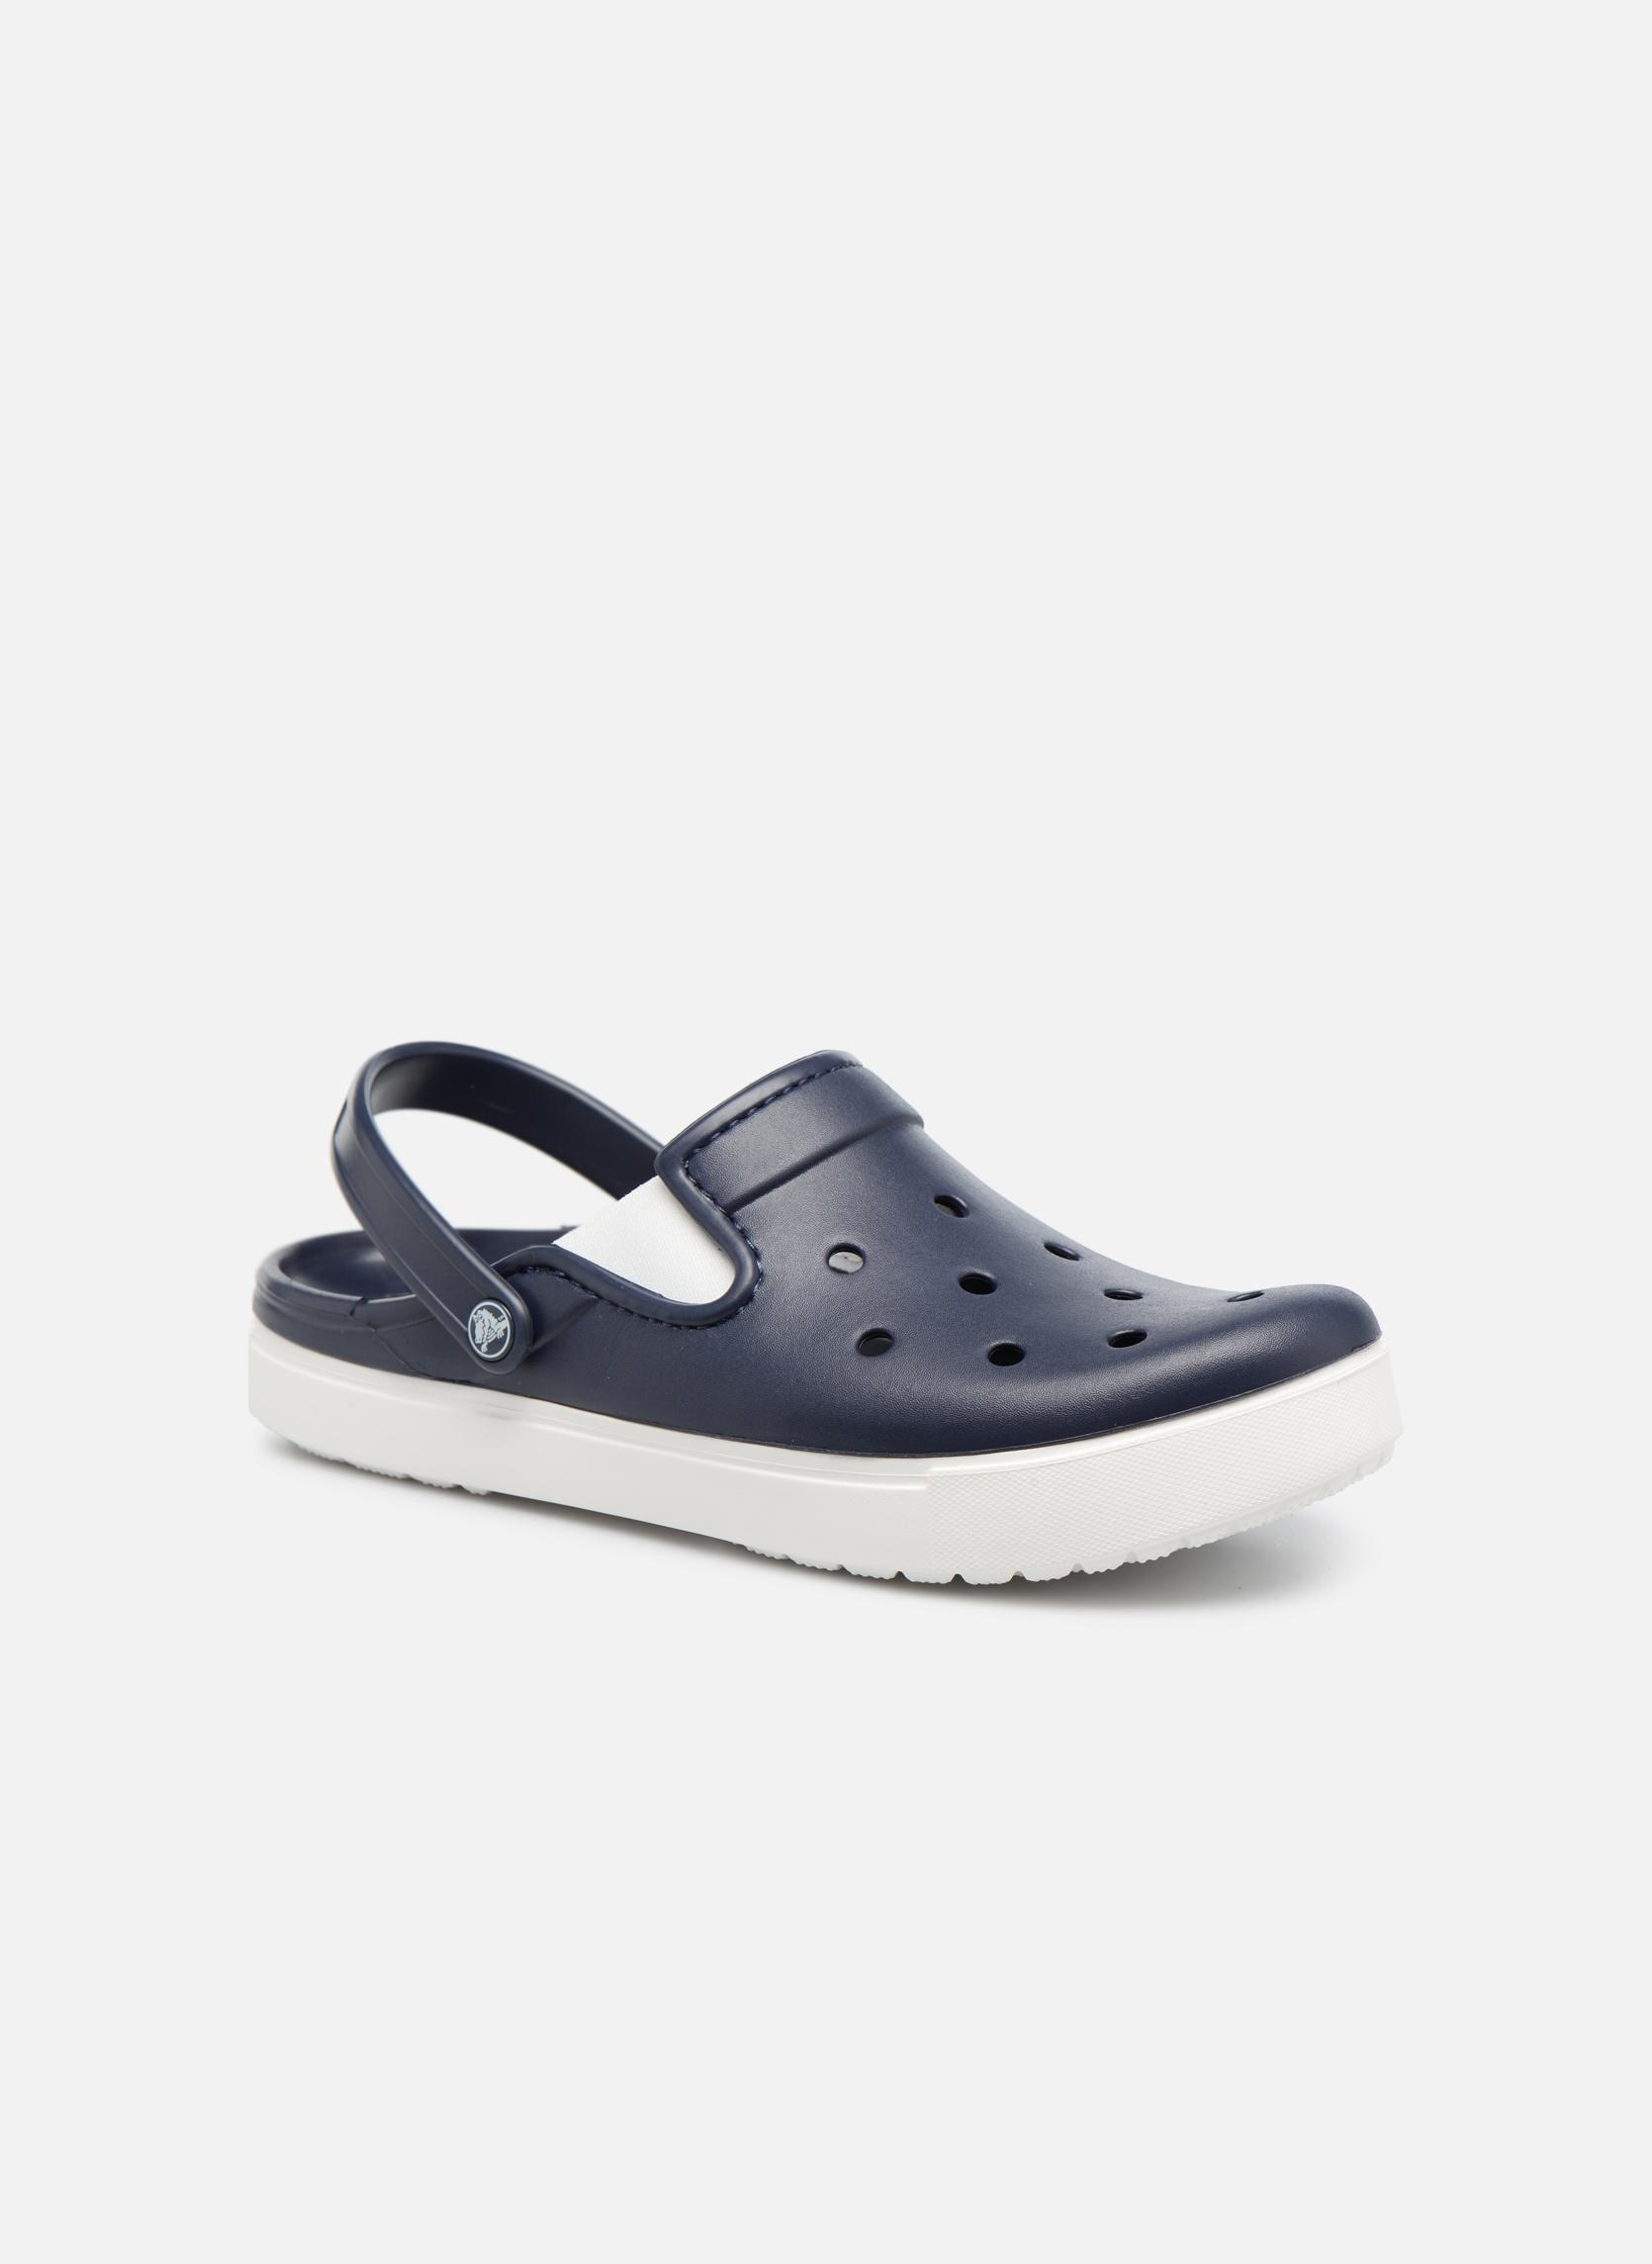 sandalen-citi-lane-clog-by-crocs